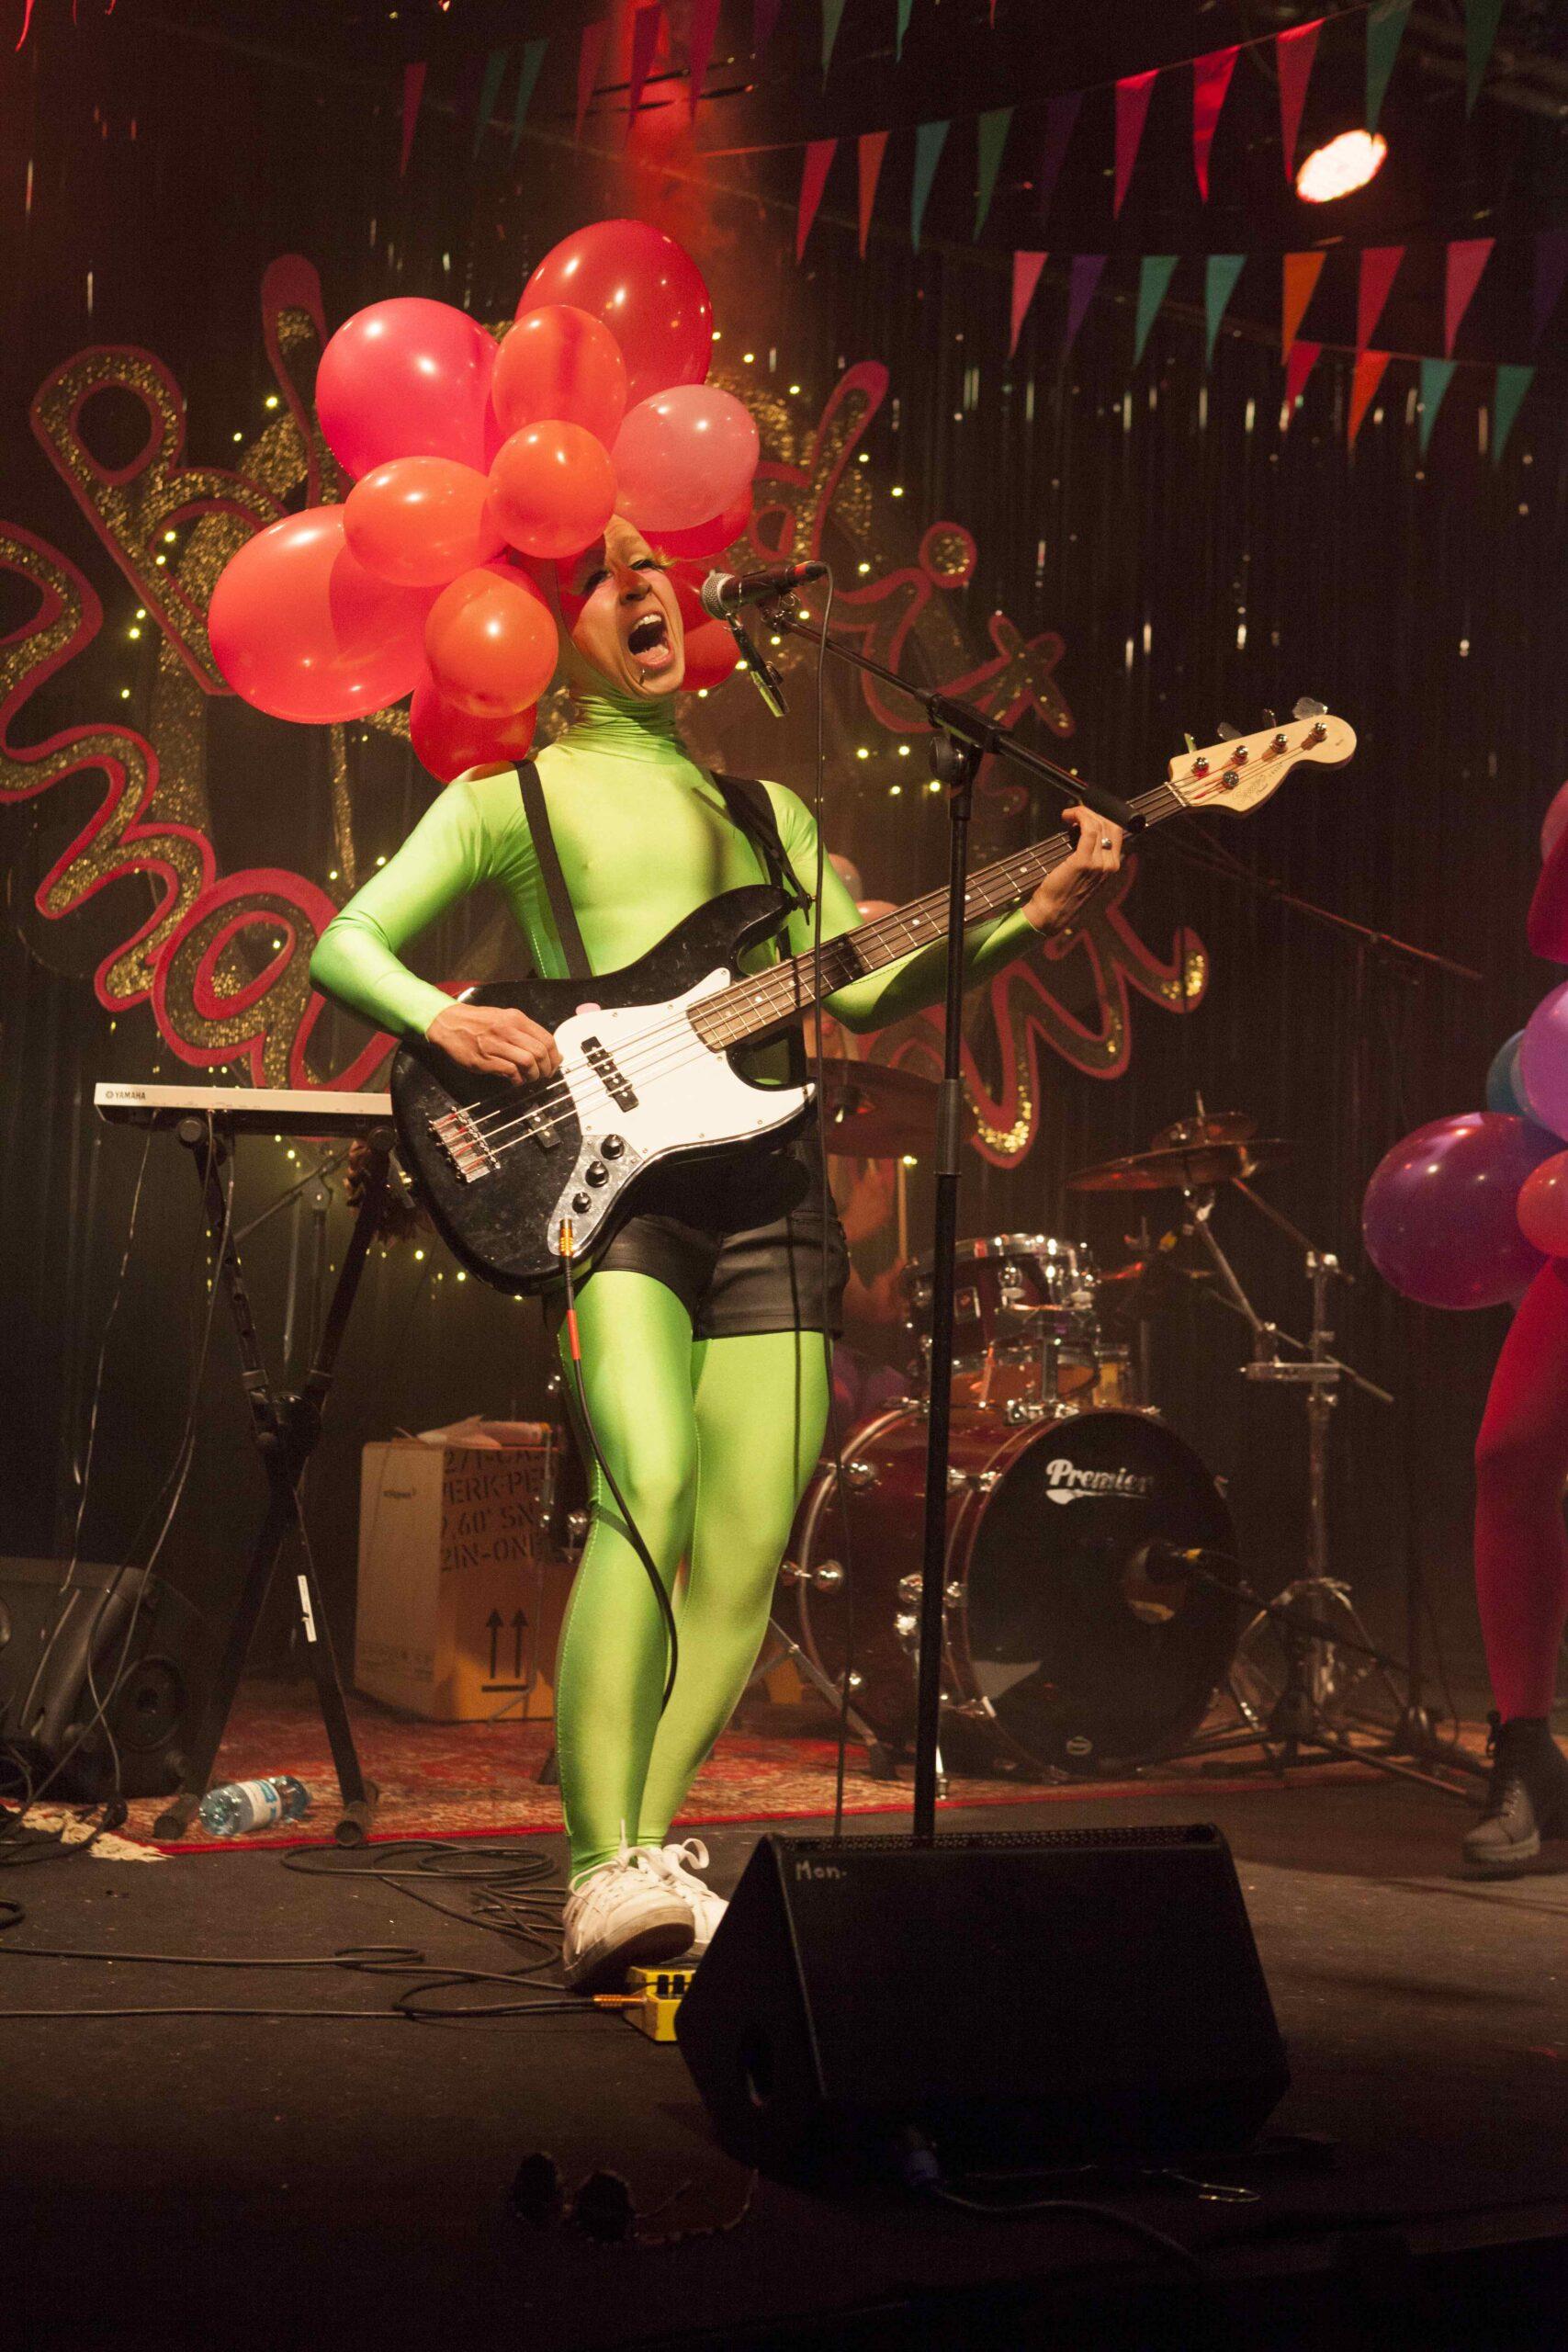 """Blondit amazoonit laulavat: """"Meitä tuijotetaan kaduilla, kun näytetään niin hyviltä."""" Ilmapalloihin ja spandexiin verhoutunut basisti-kitaristi Paula täyttää sanoituksen lupauksen Kapsäkin lavalla."""